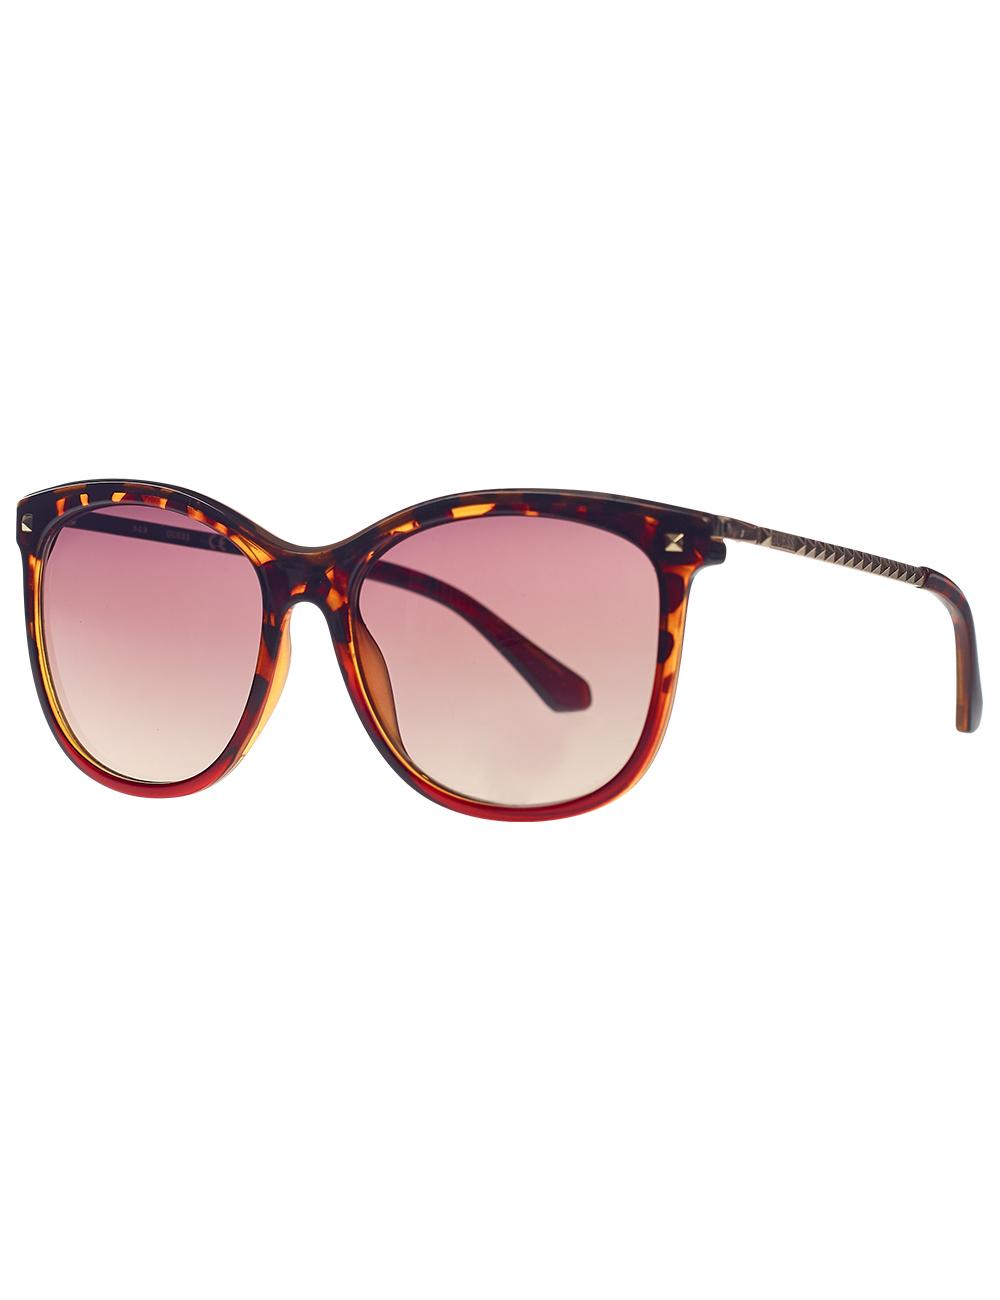 40c3e21b0d799 Sonnenbrille von Guess